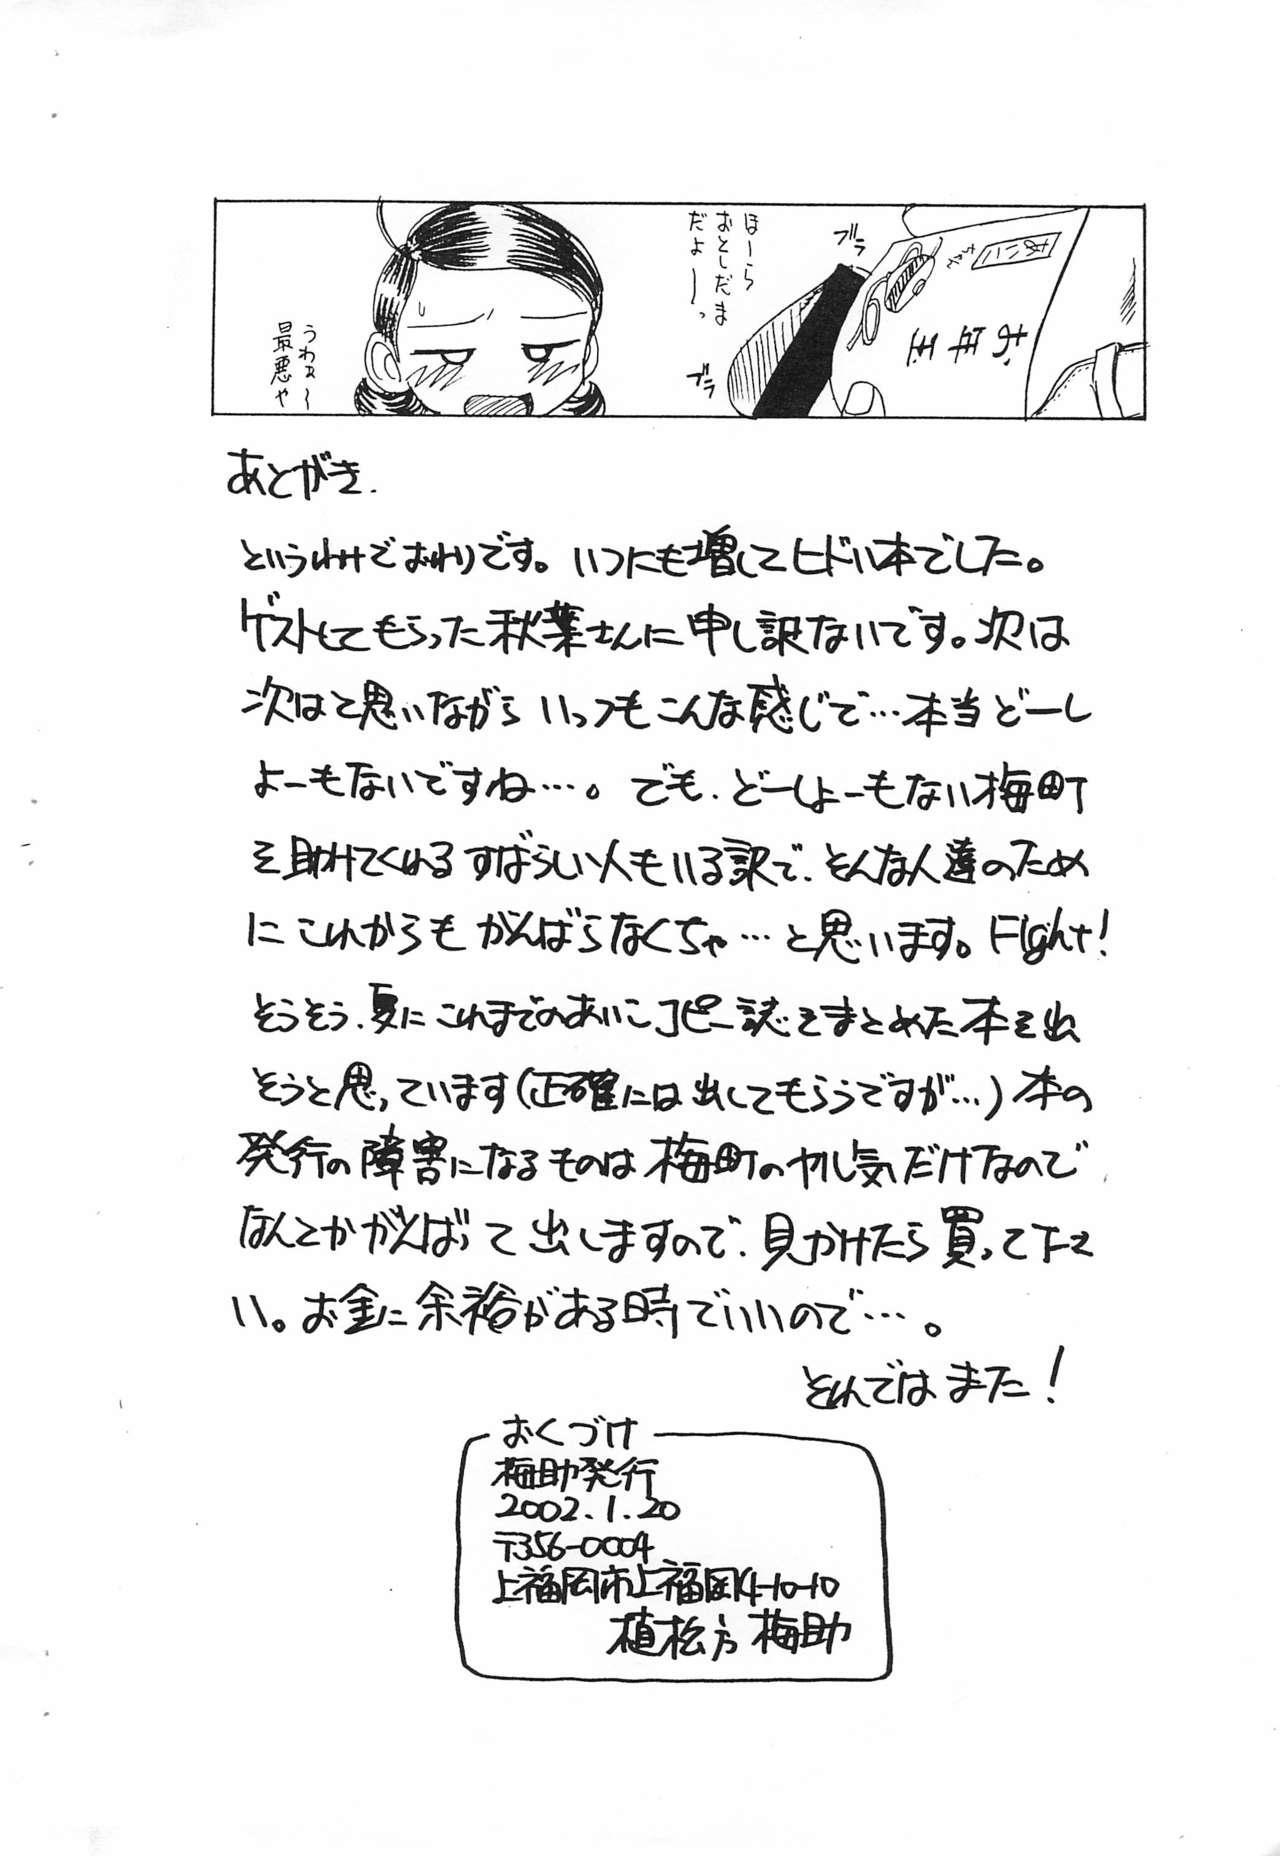 Hatsudashi 7